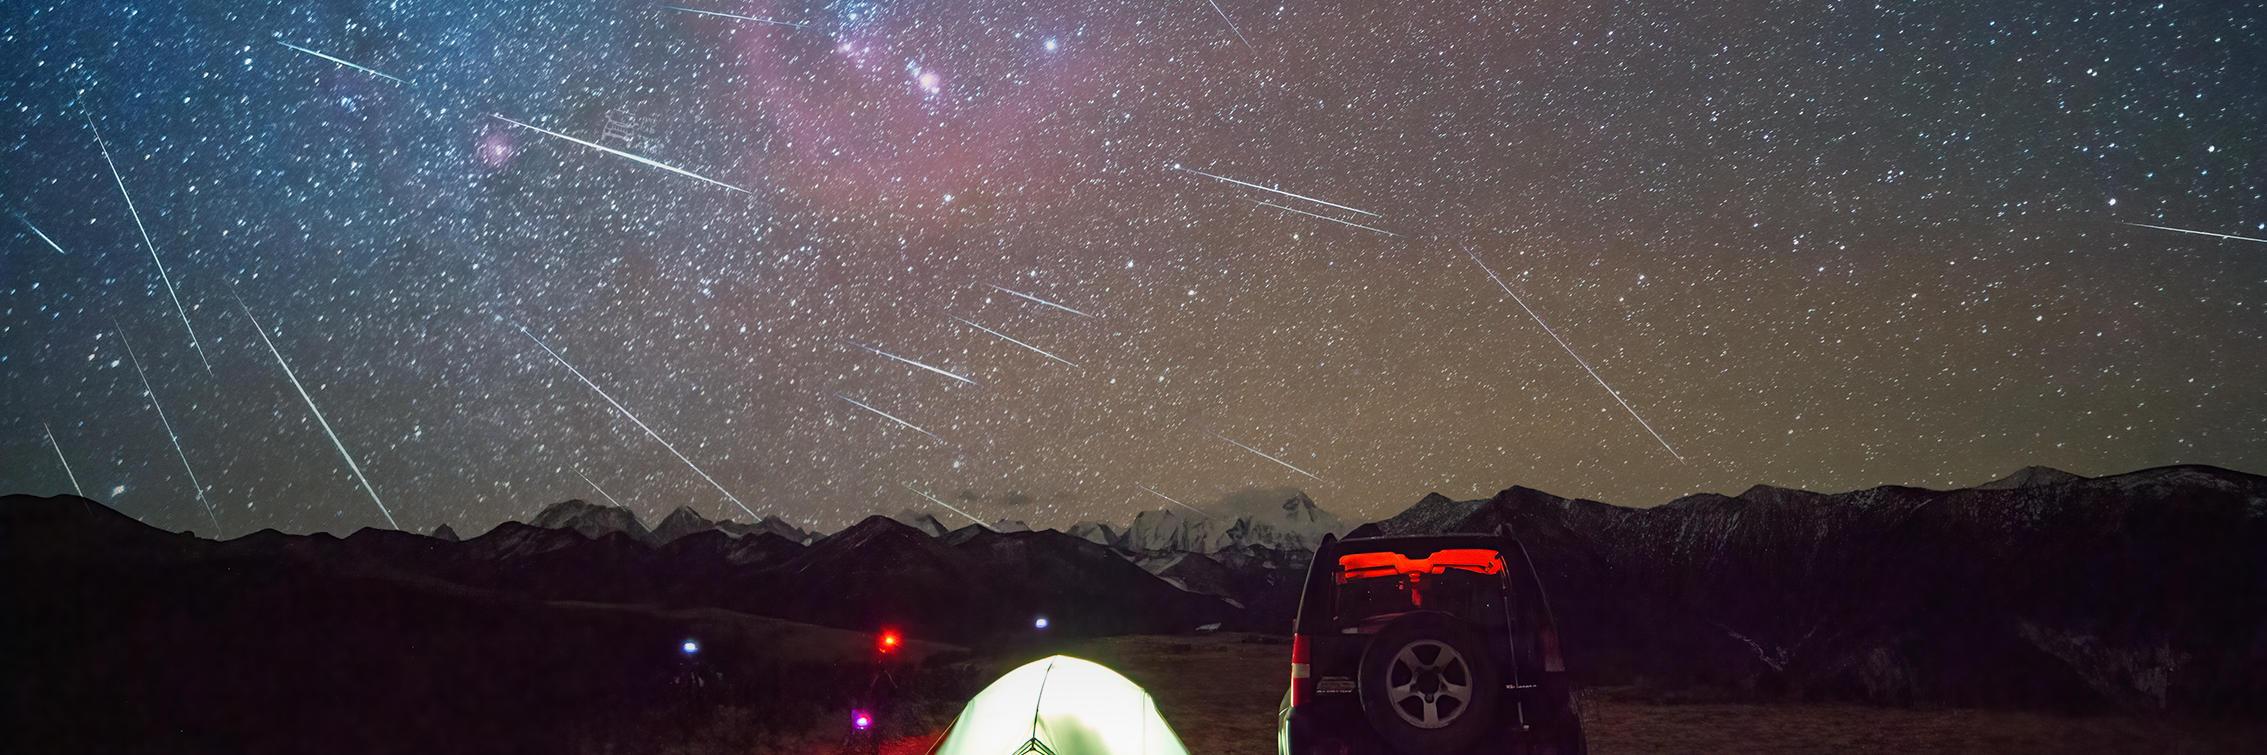 【年终盛典】在8级狂风中遥望流星如雨点般洒在蜀山之巅上